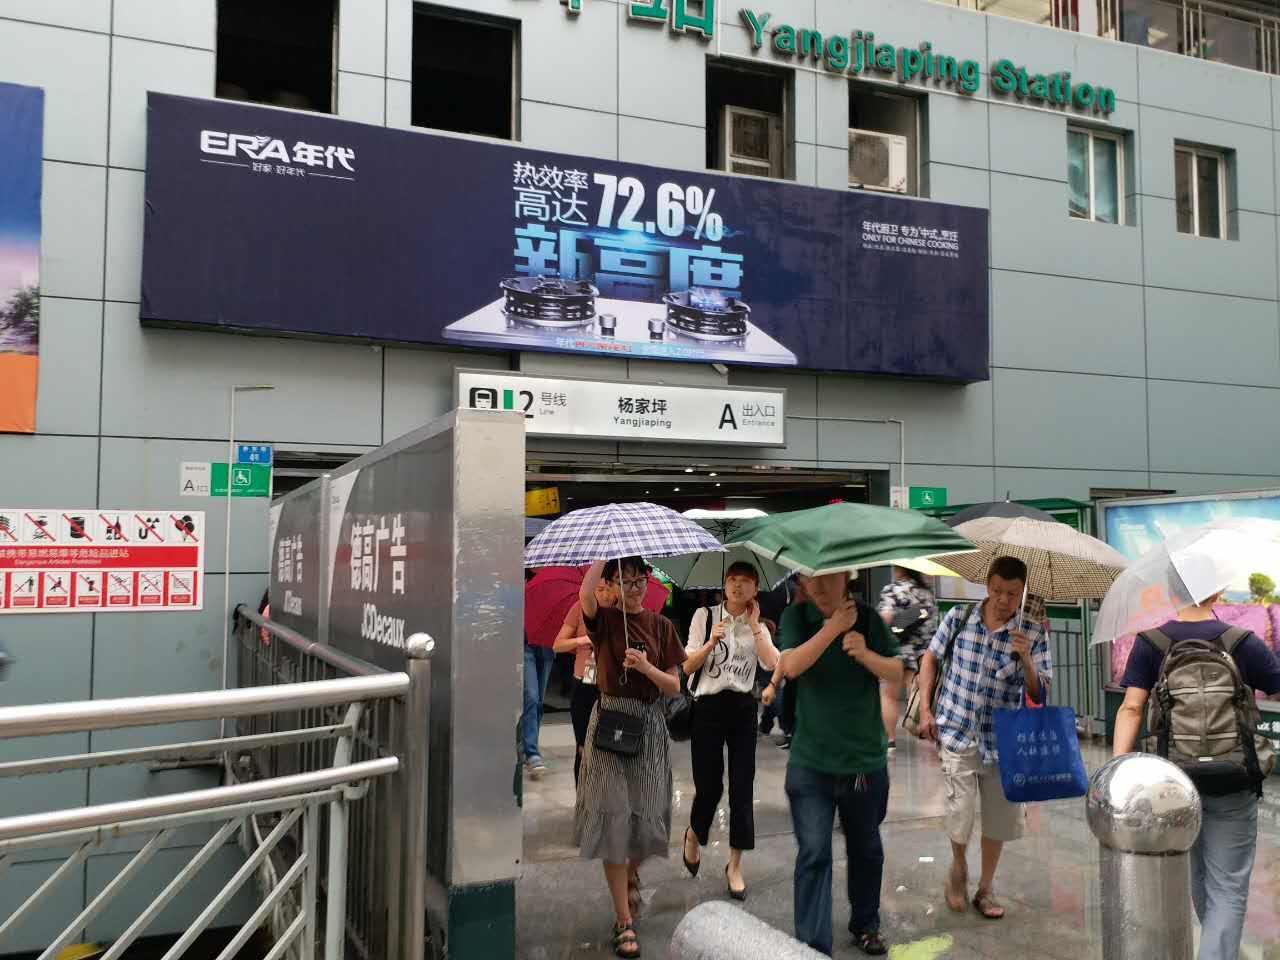 重庆市地铁2号线出口通道墙贴广告-易播网